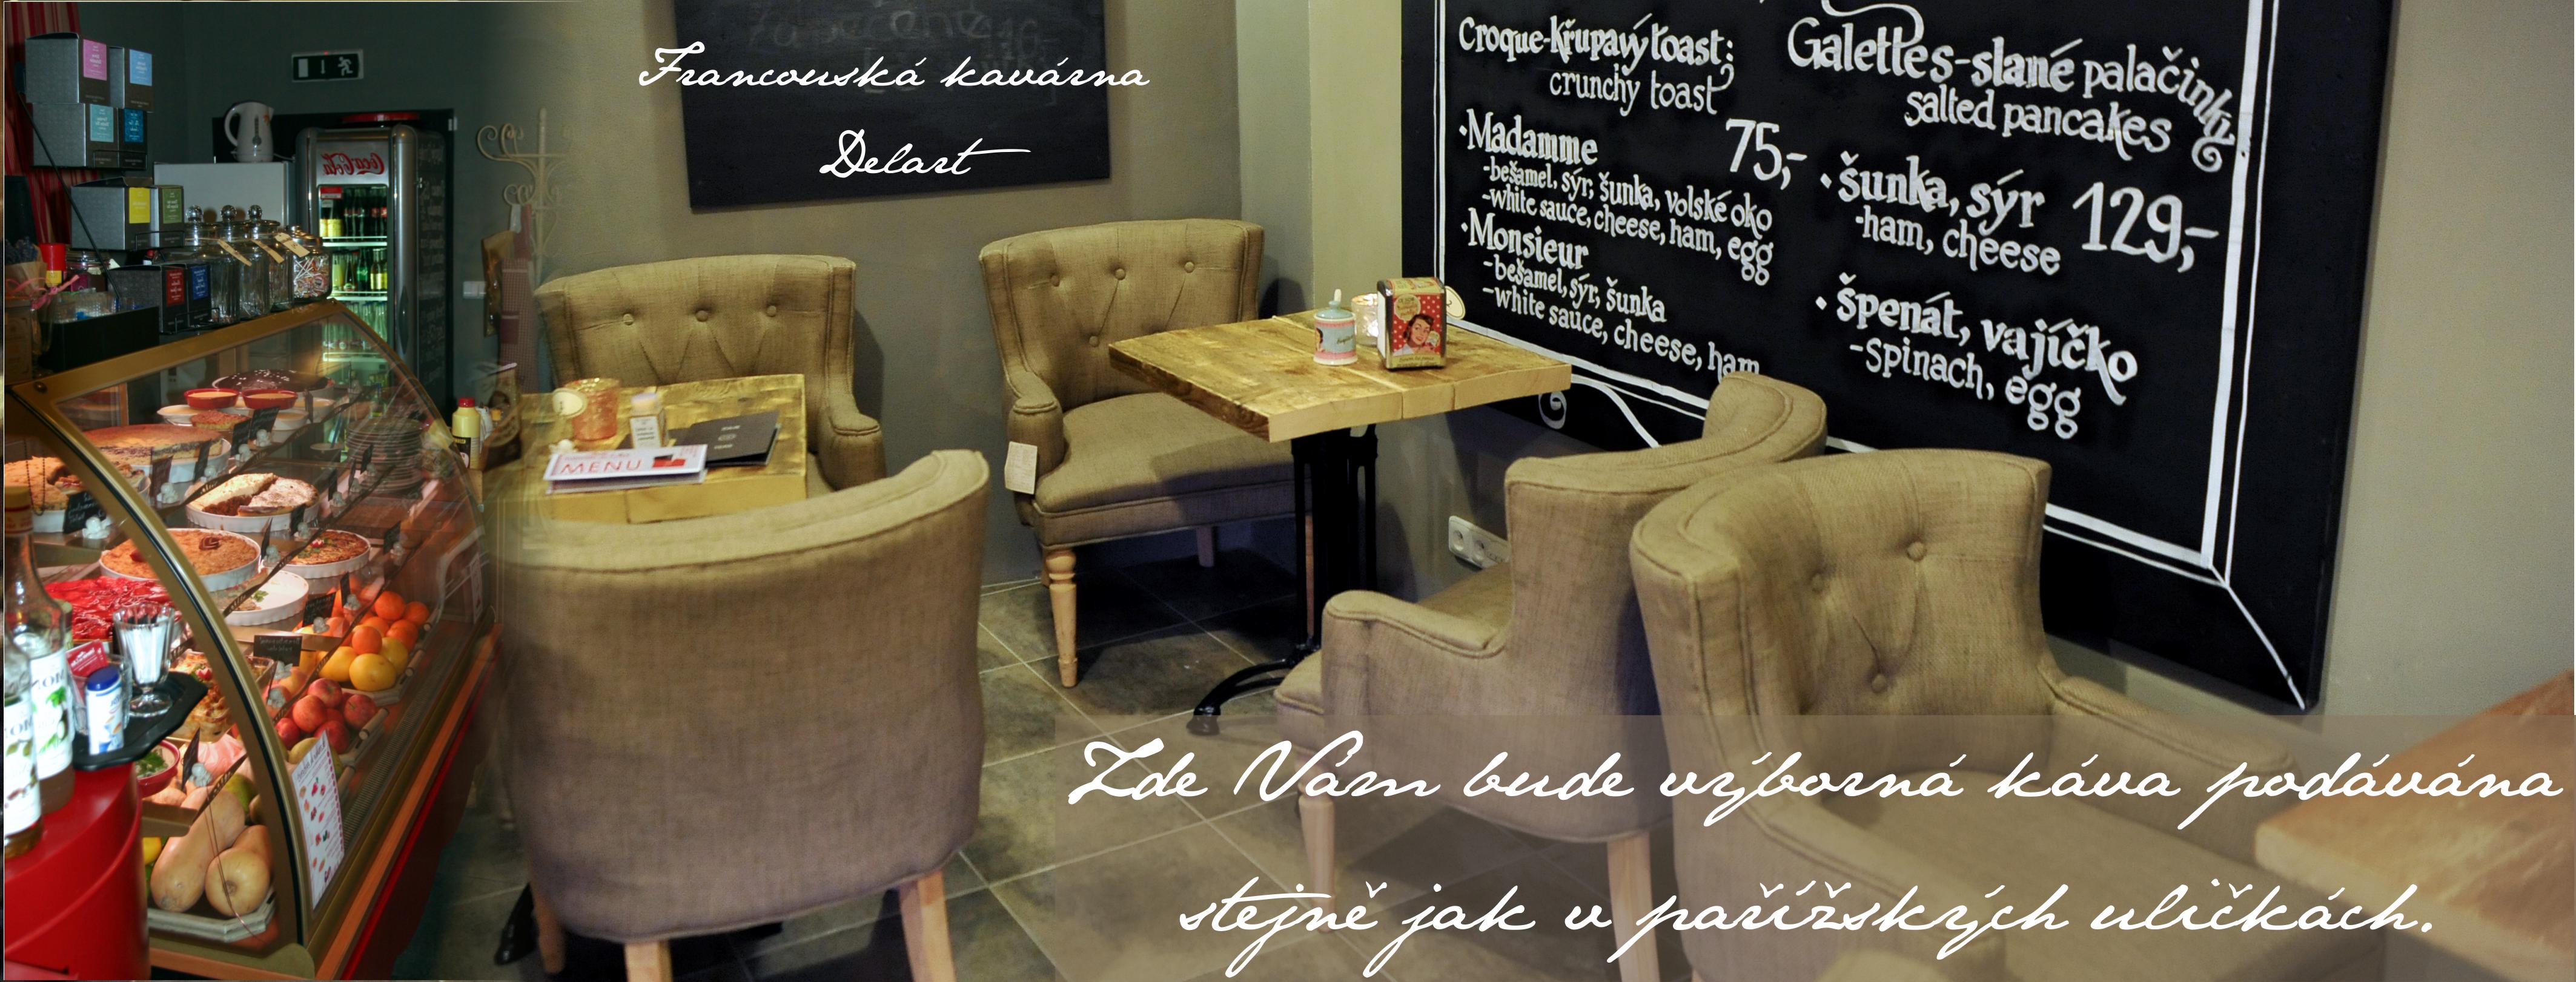 Francouzská kavárna DelArt